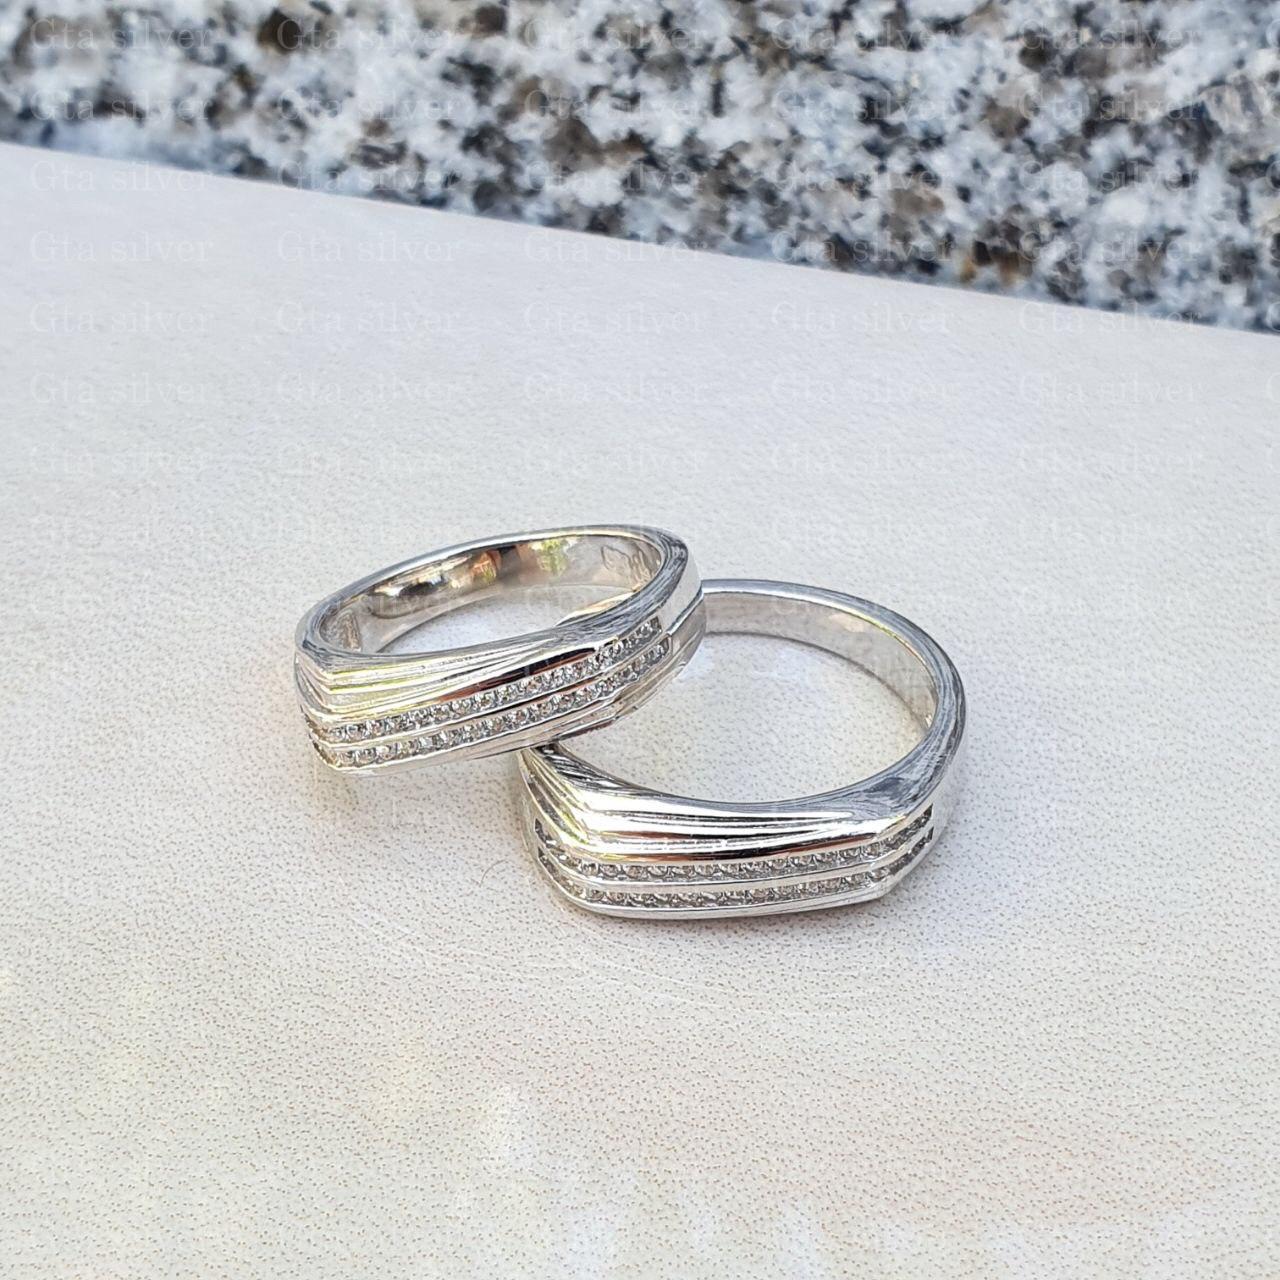 ست حلقه ازدواج وزن 9.5 گرم مدل 43